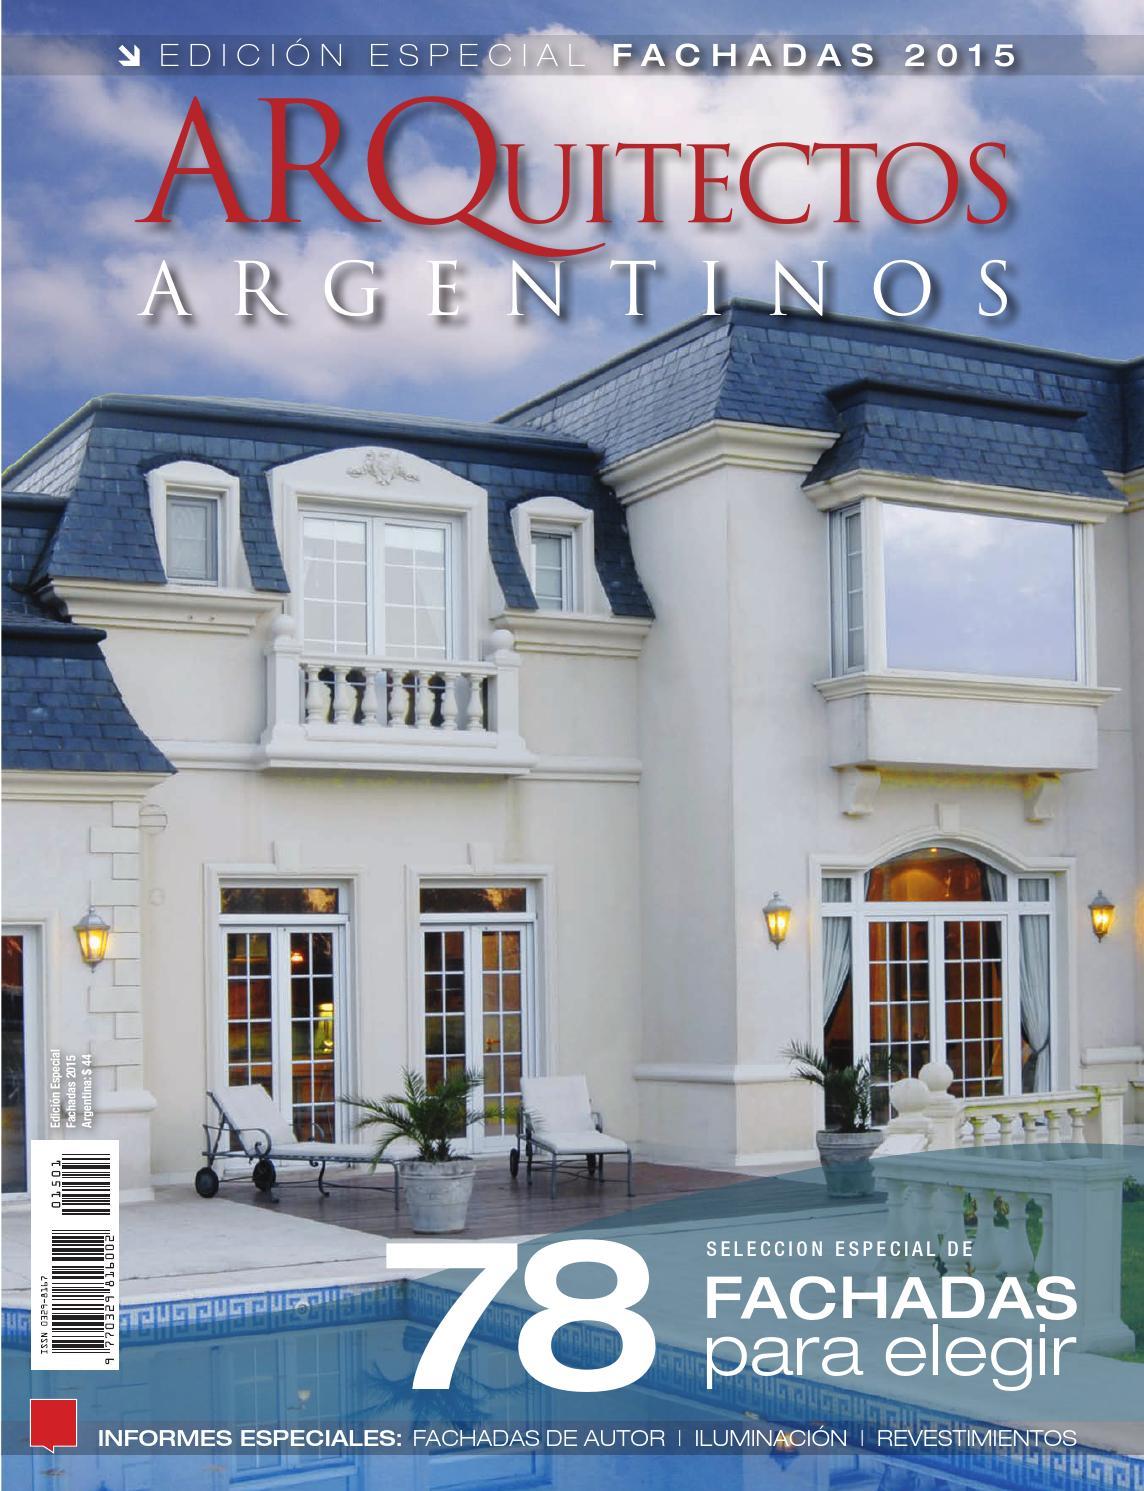 Fachadas 2015 by jauna issuu for Modelos de fachadas para frentes de casas